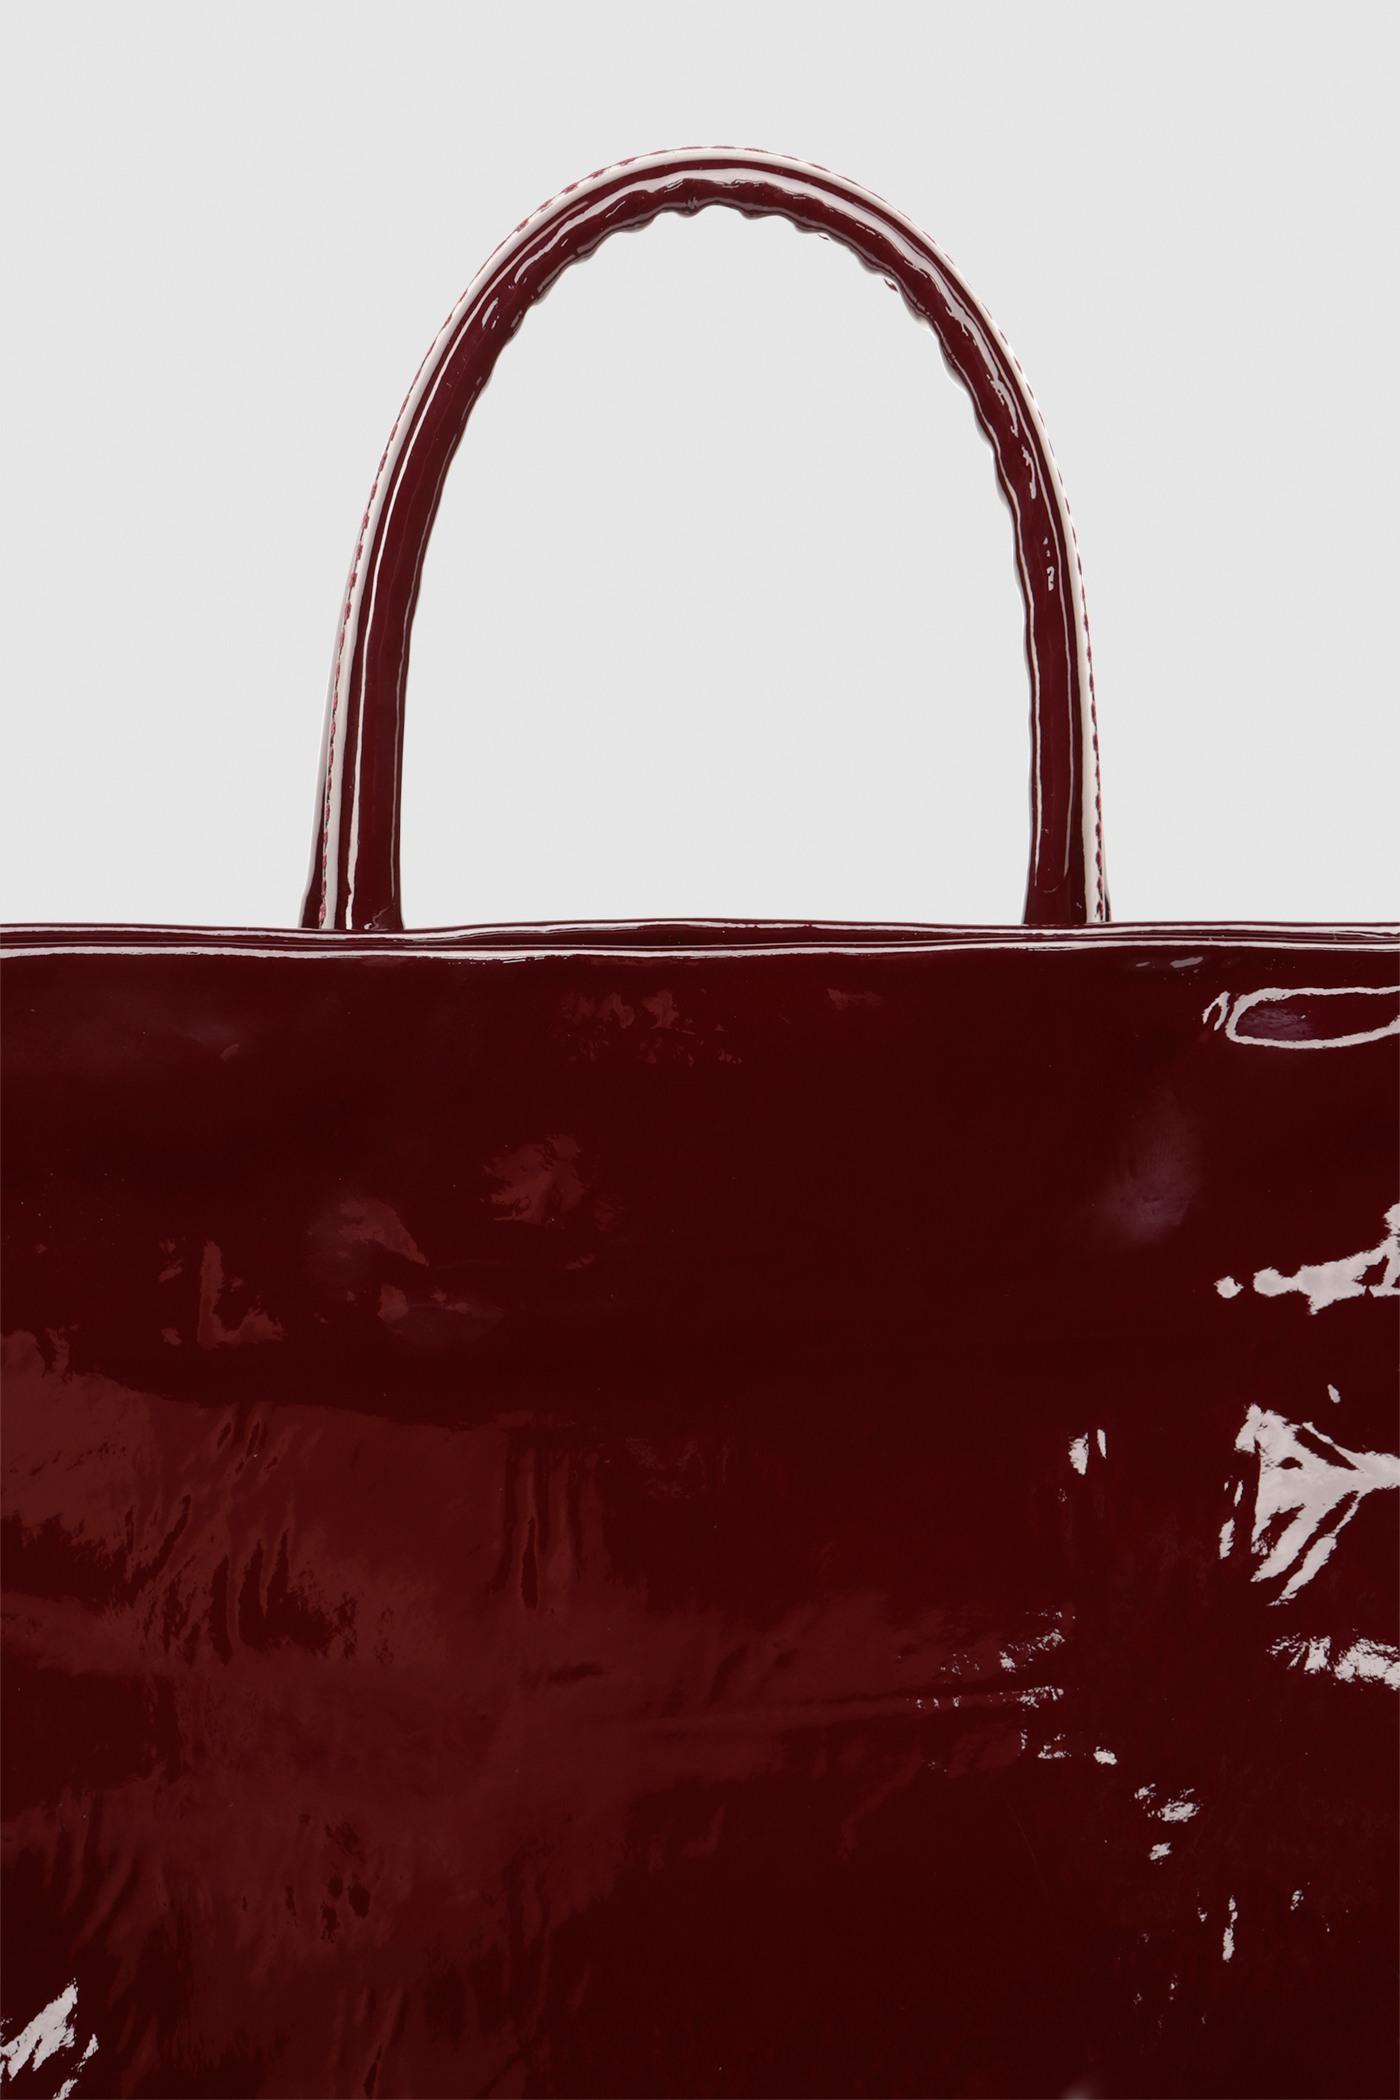 Рюкзак в трех размерах S, M, L R5